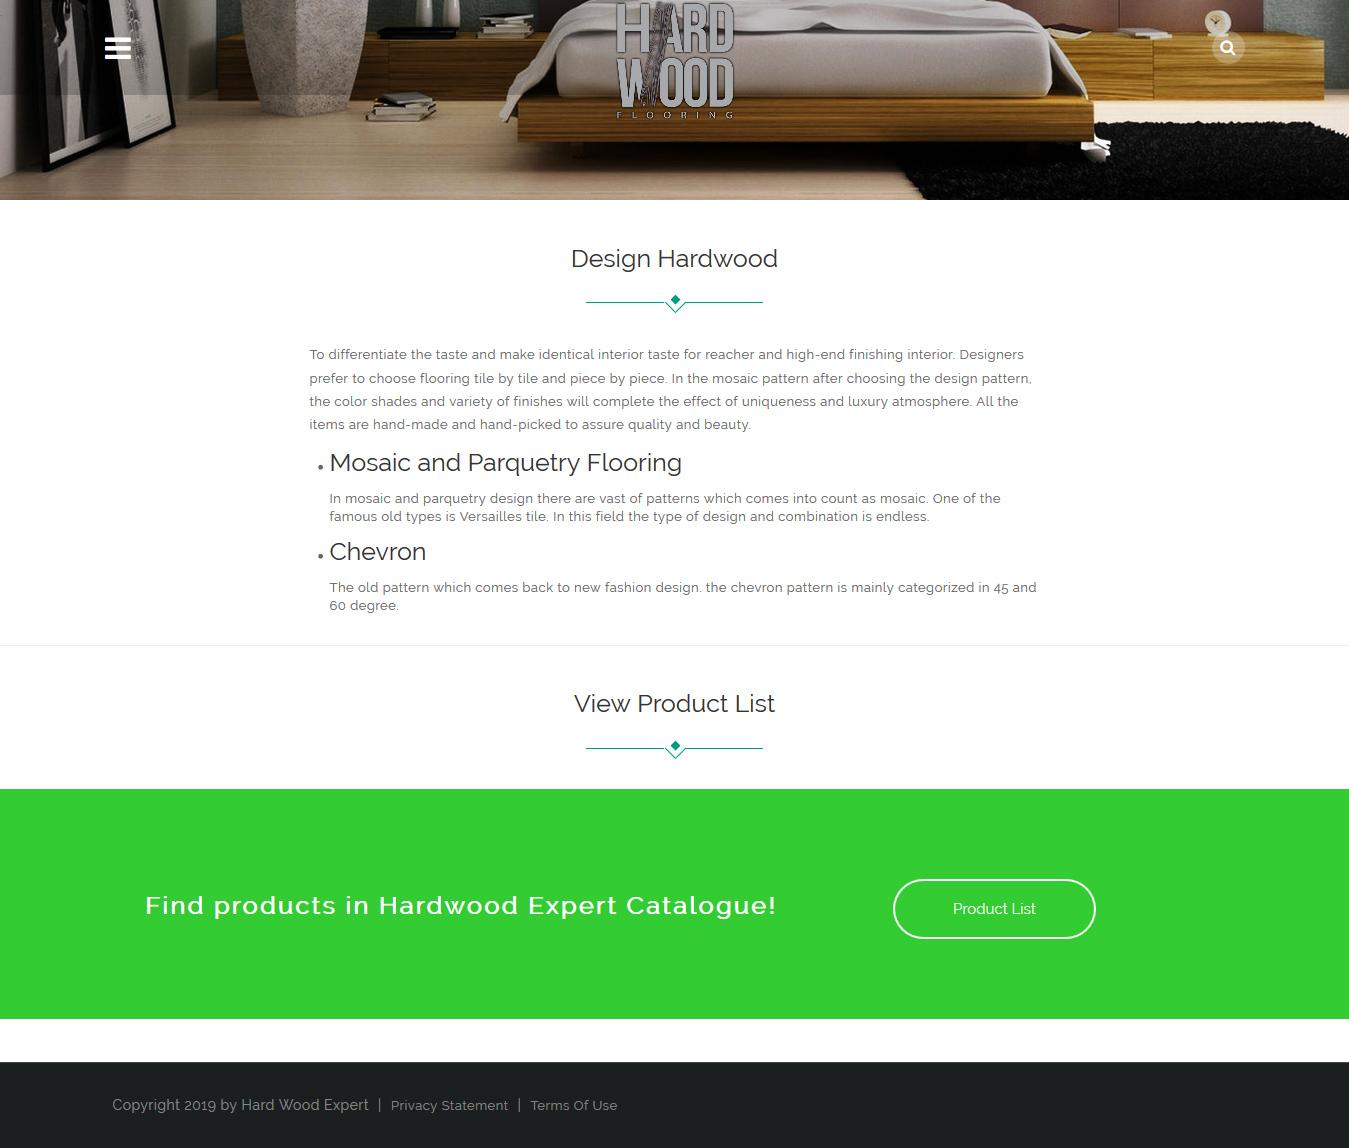 تصویری از صفحه معرفی انواع محصولات شرکت Hard WoodEx امریکا